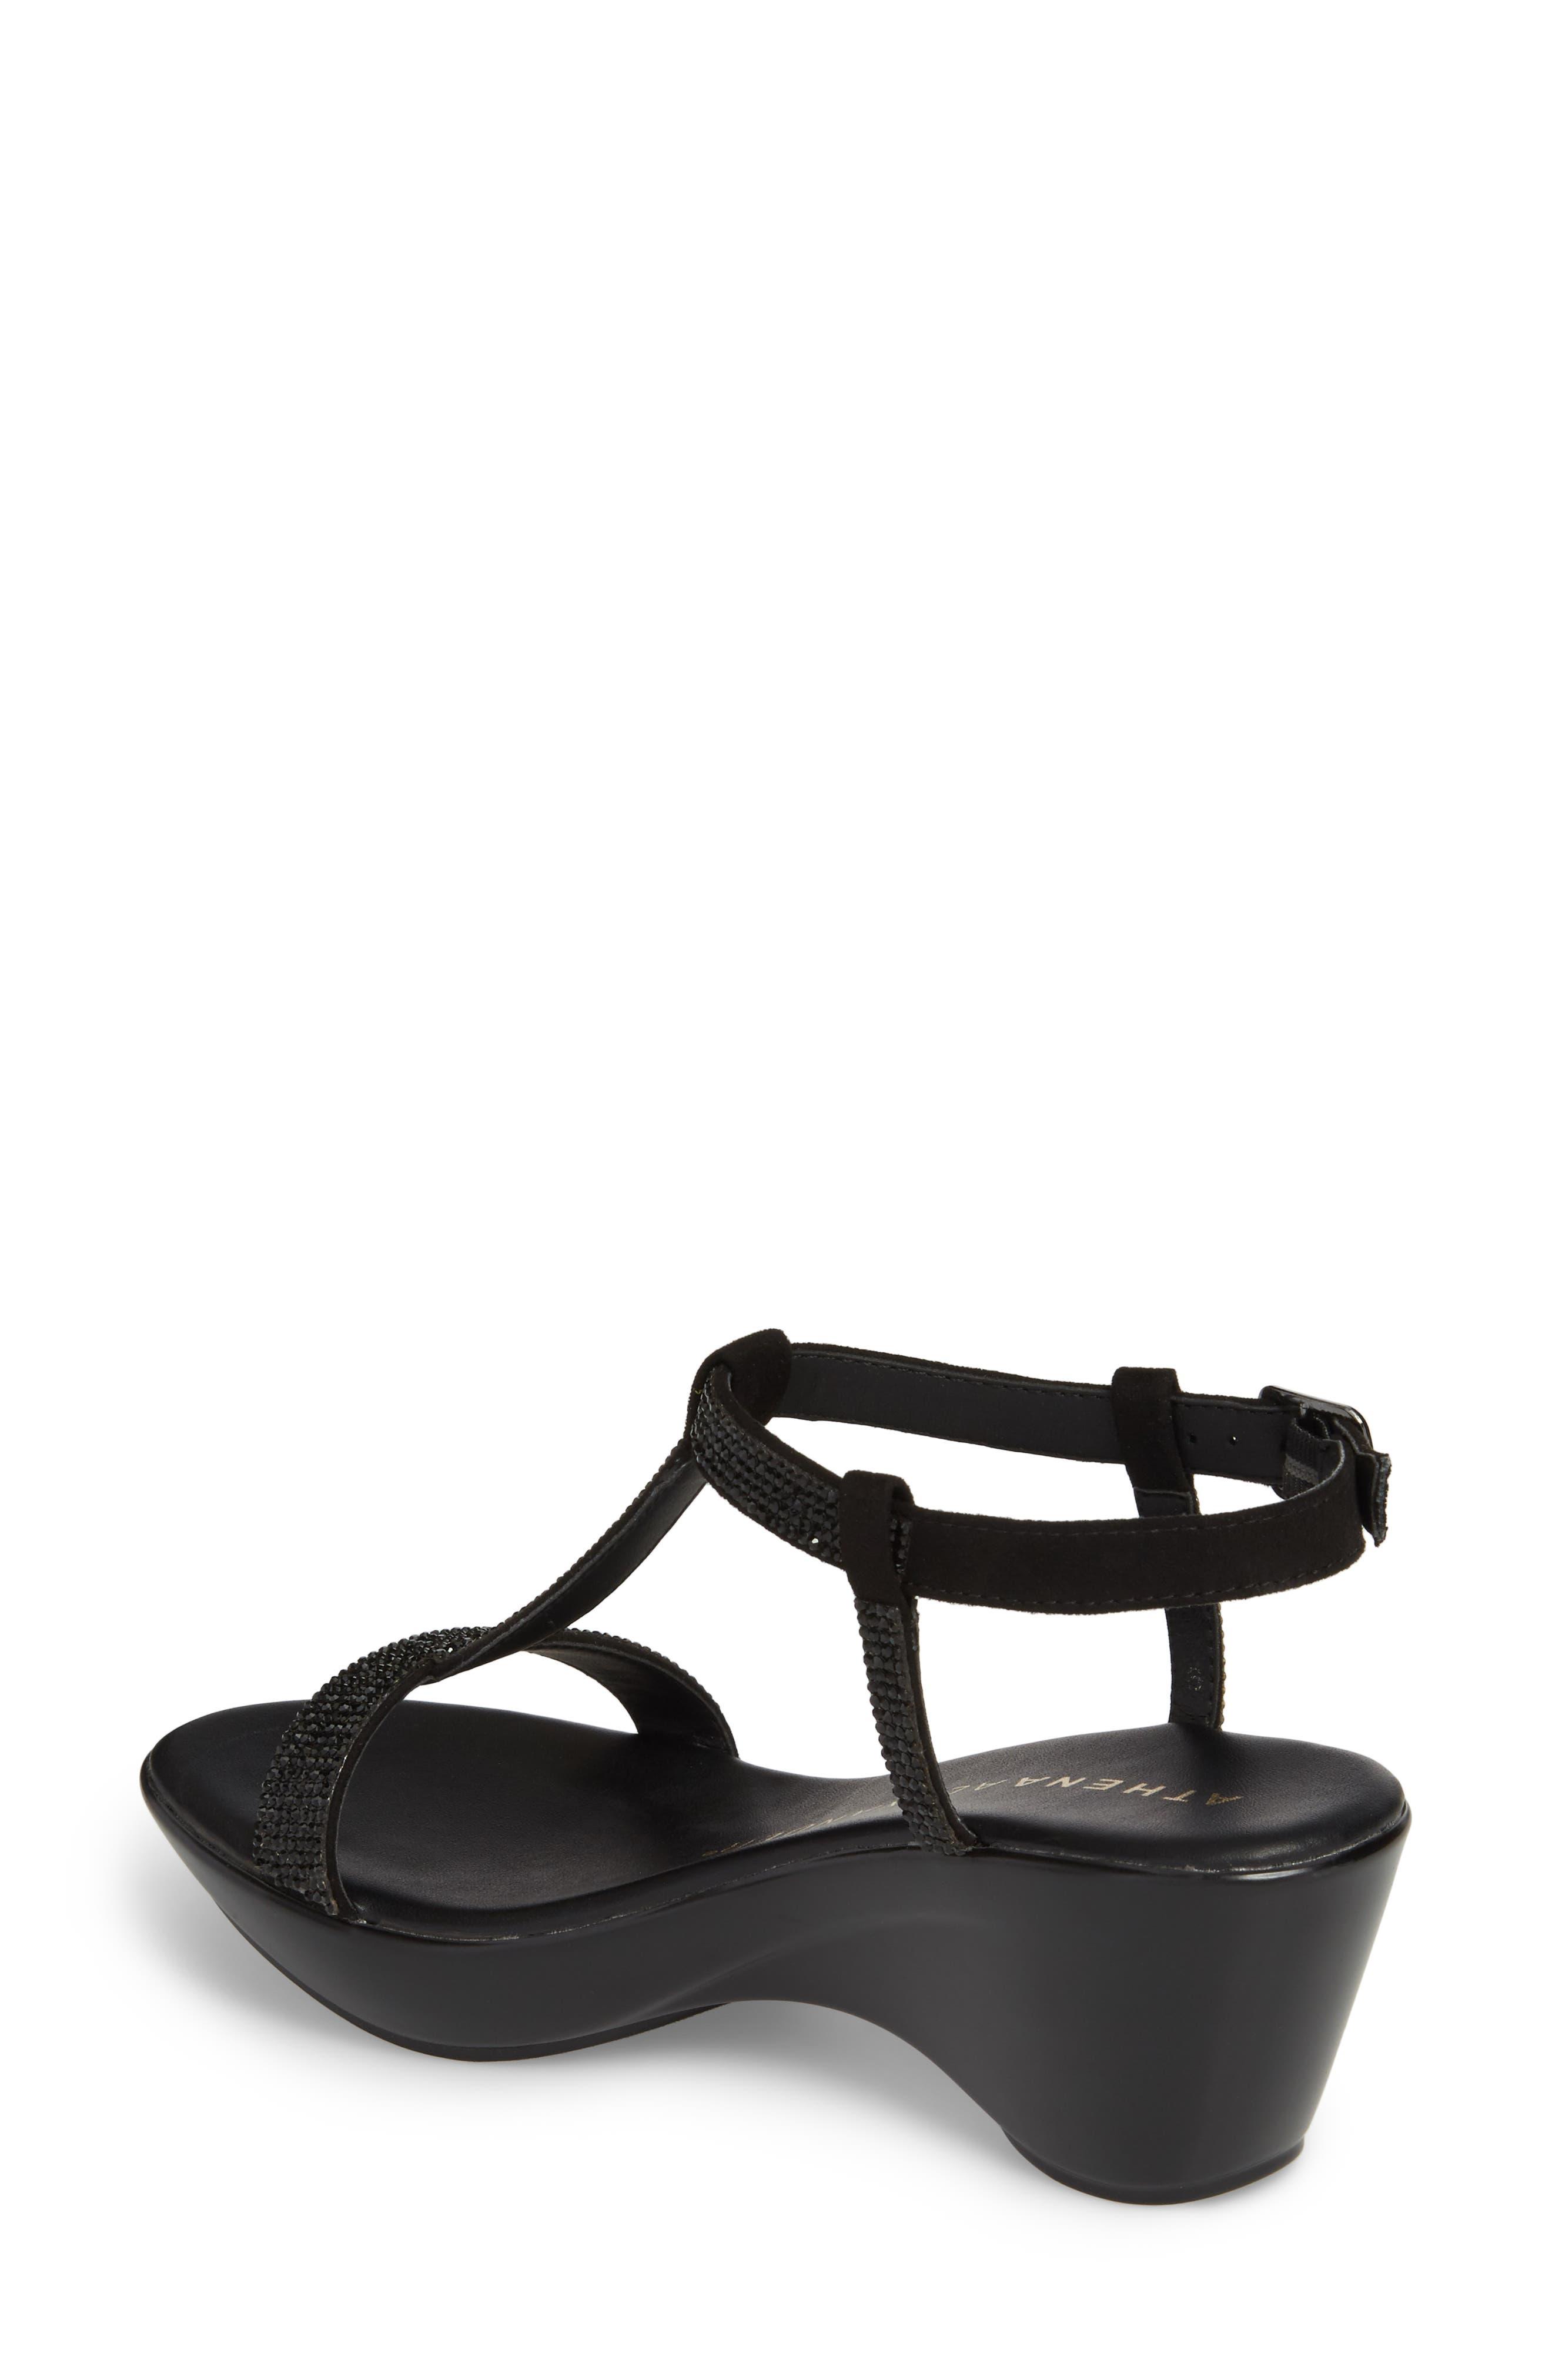 Athena Alexandar Karinya Embellished Strappy Wedge Sandal,                             Alternate thumbnail 2, color,                             BLACK SUEDE